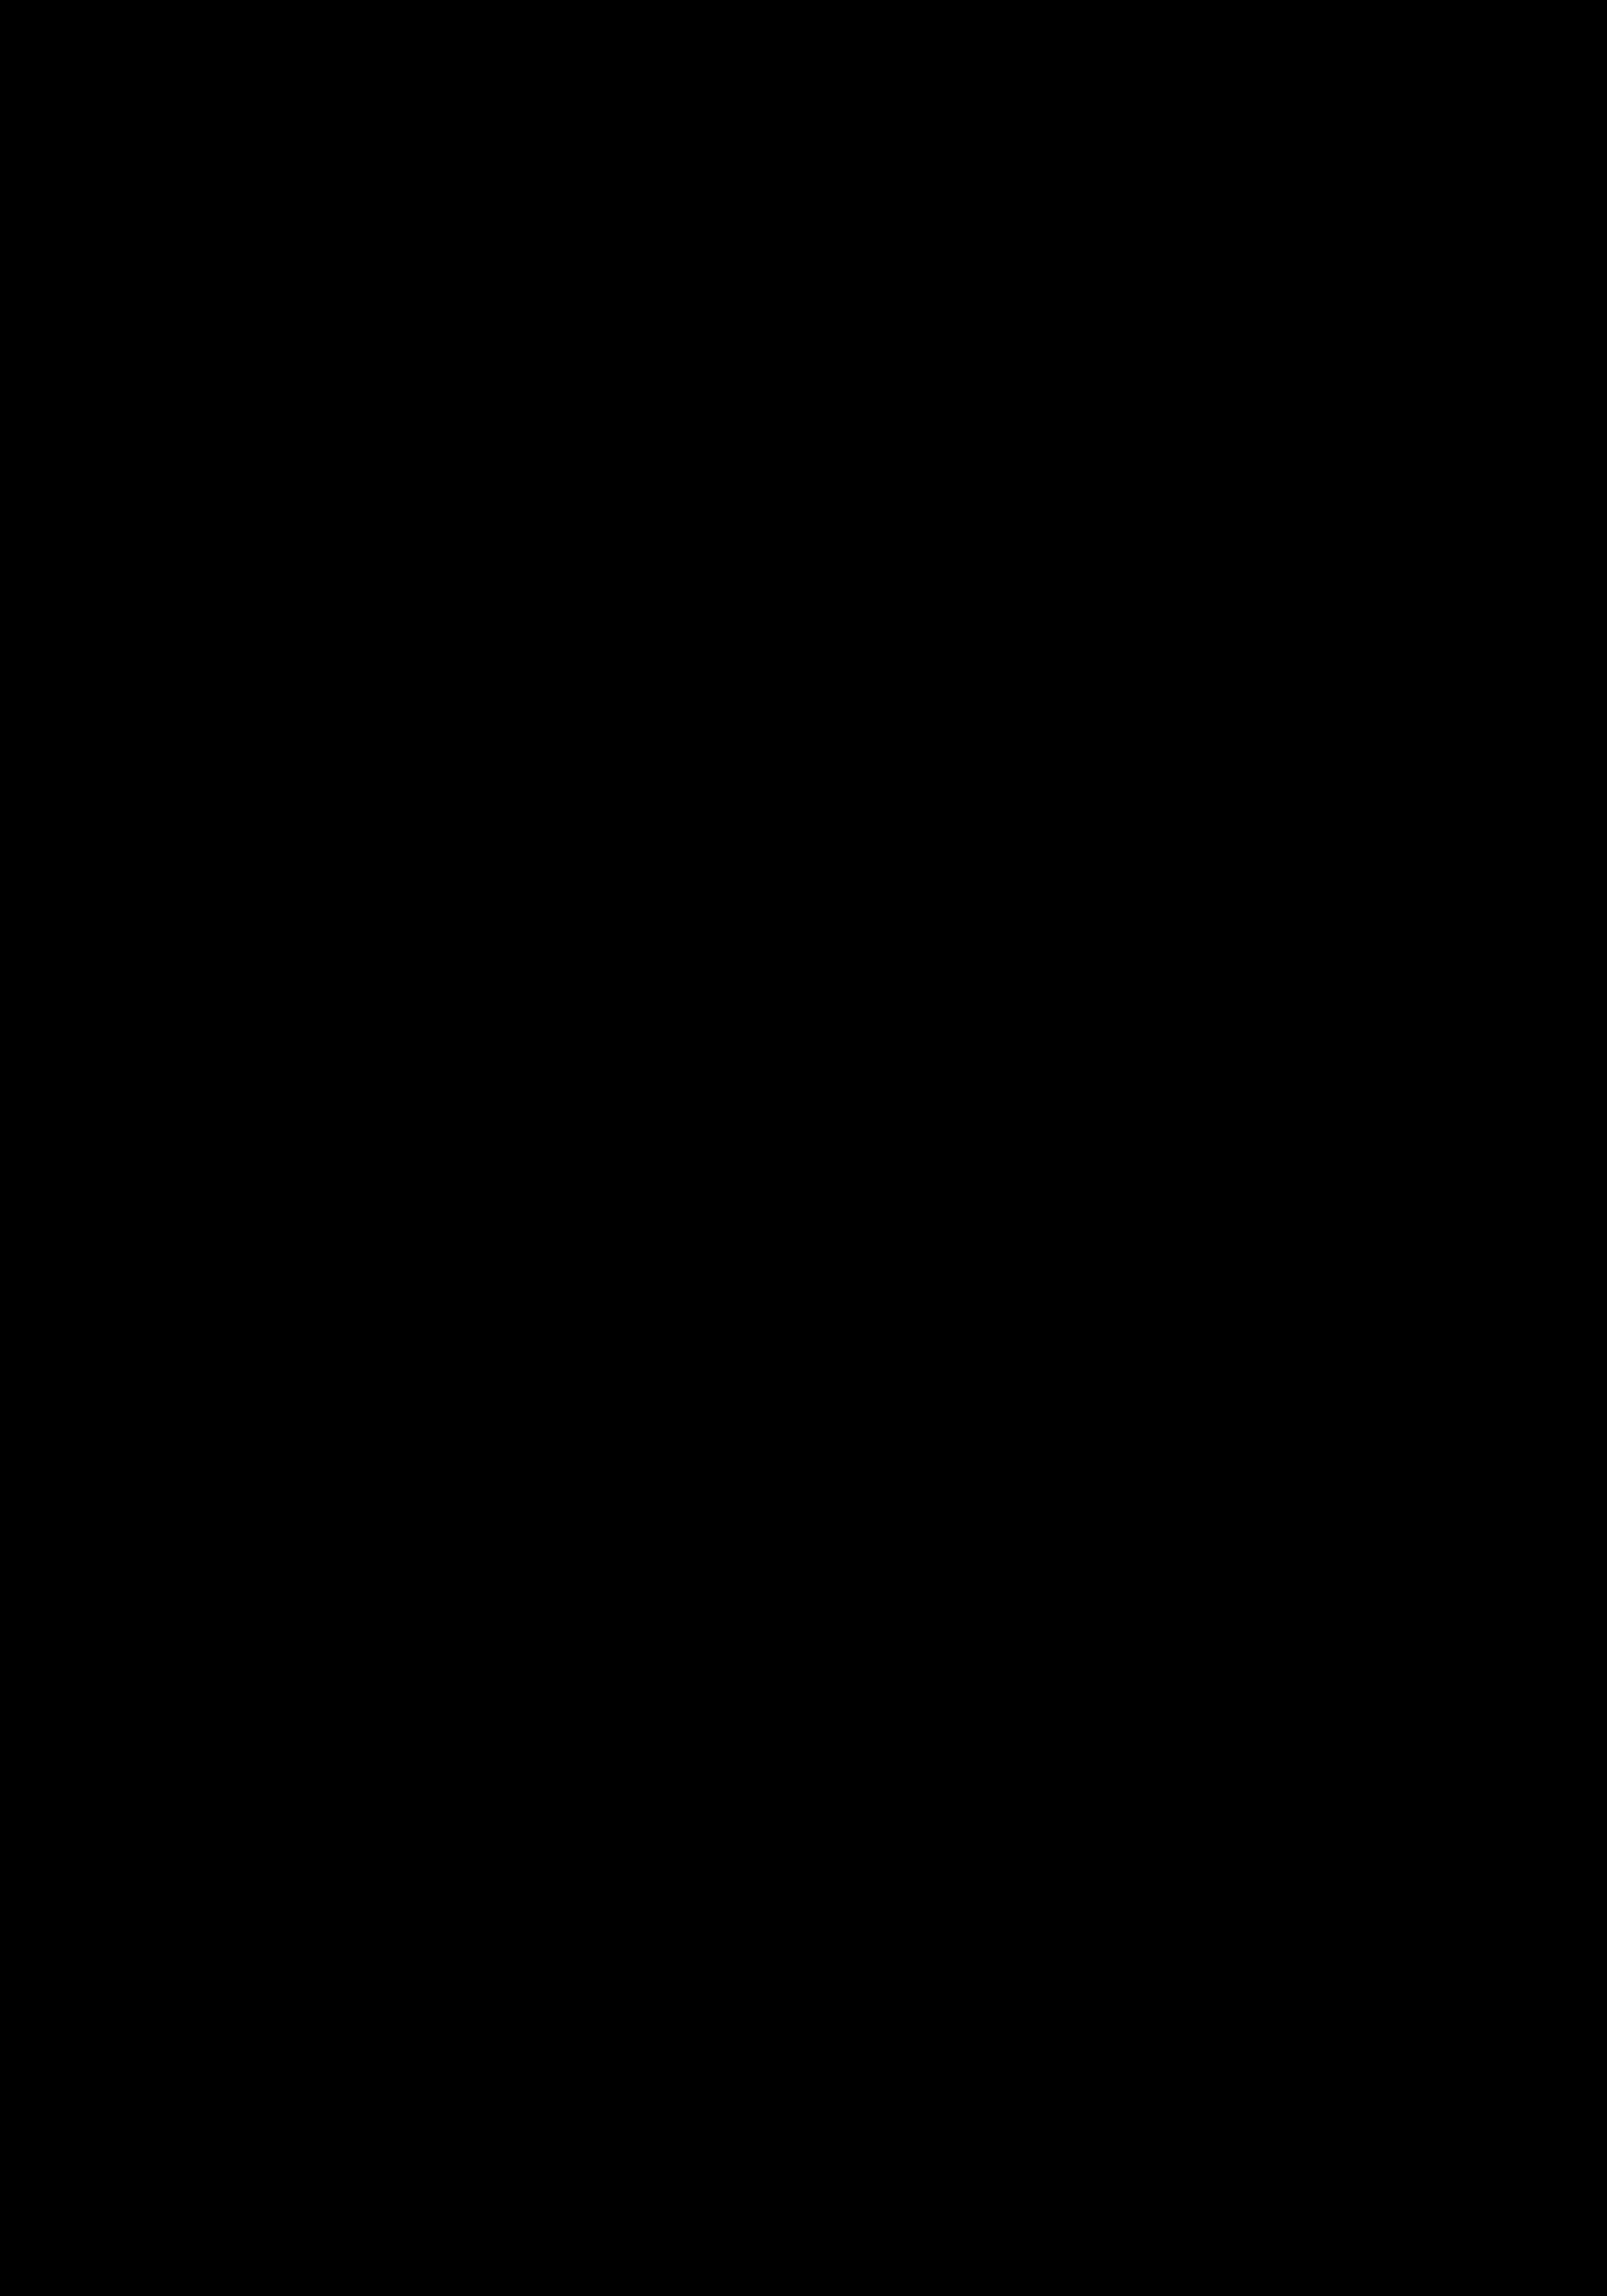 Blonde-Beer-Amber-Bottle-YoopyBrews_Mockup_v2